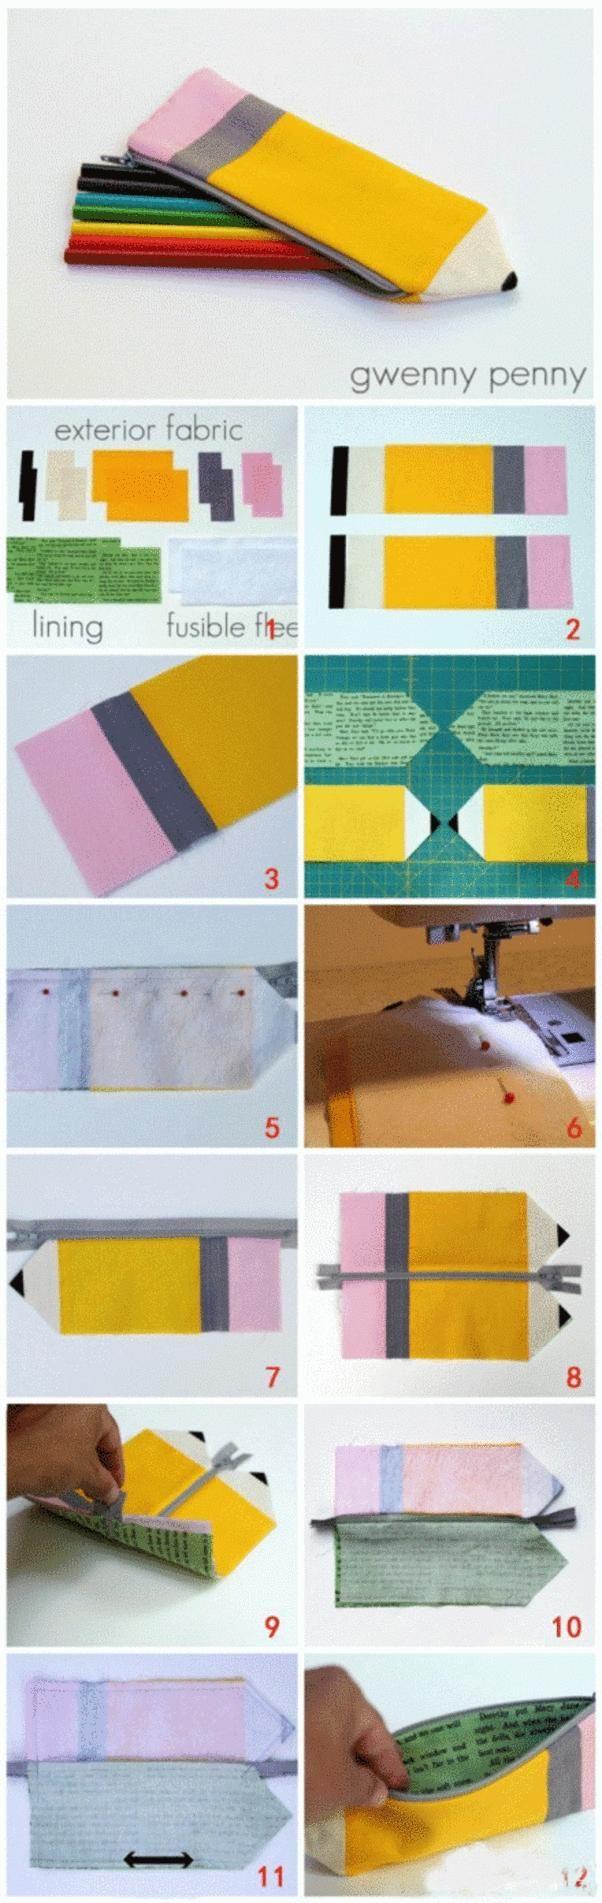 DIY Tutorial: Diy back to school / DIY Personalized Pencil Bag - Bead&Cord